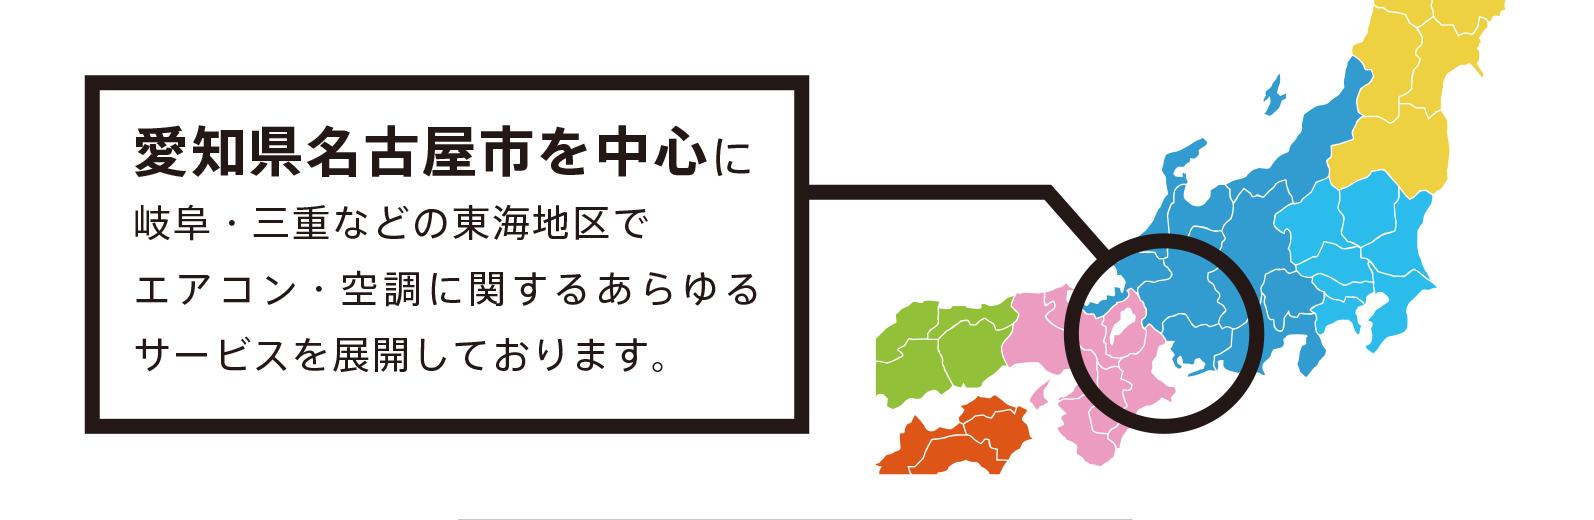 愛知県名古屋市を中心にサービスを展開